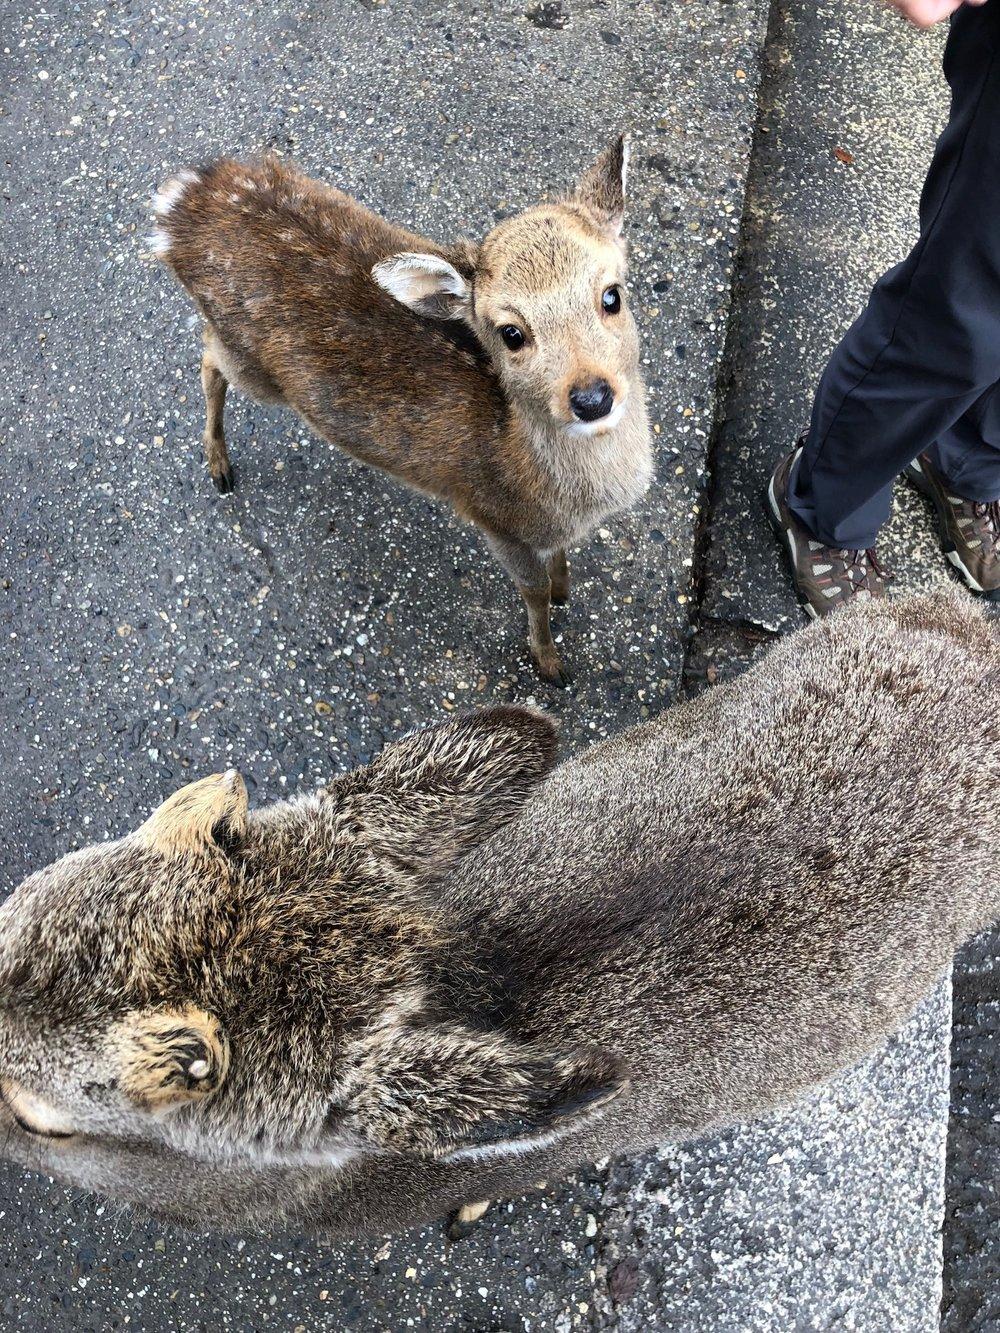 Baby deer begging for cookies in Nara